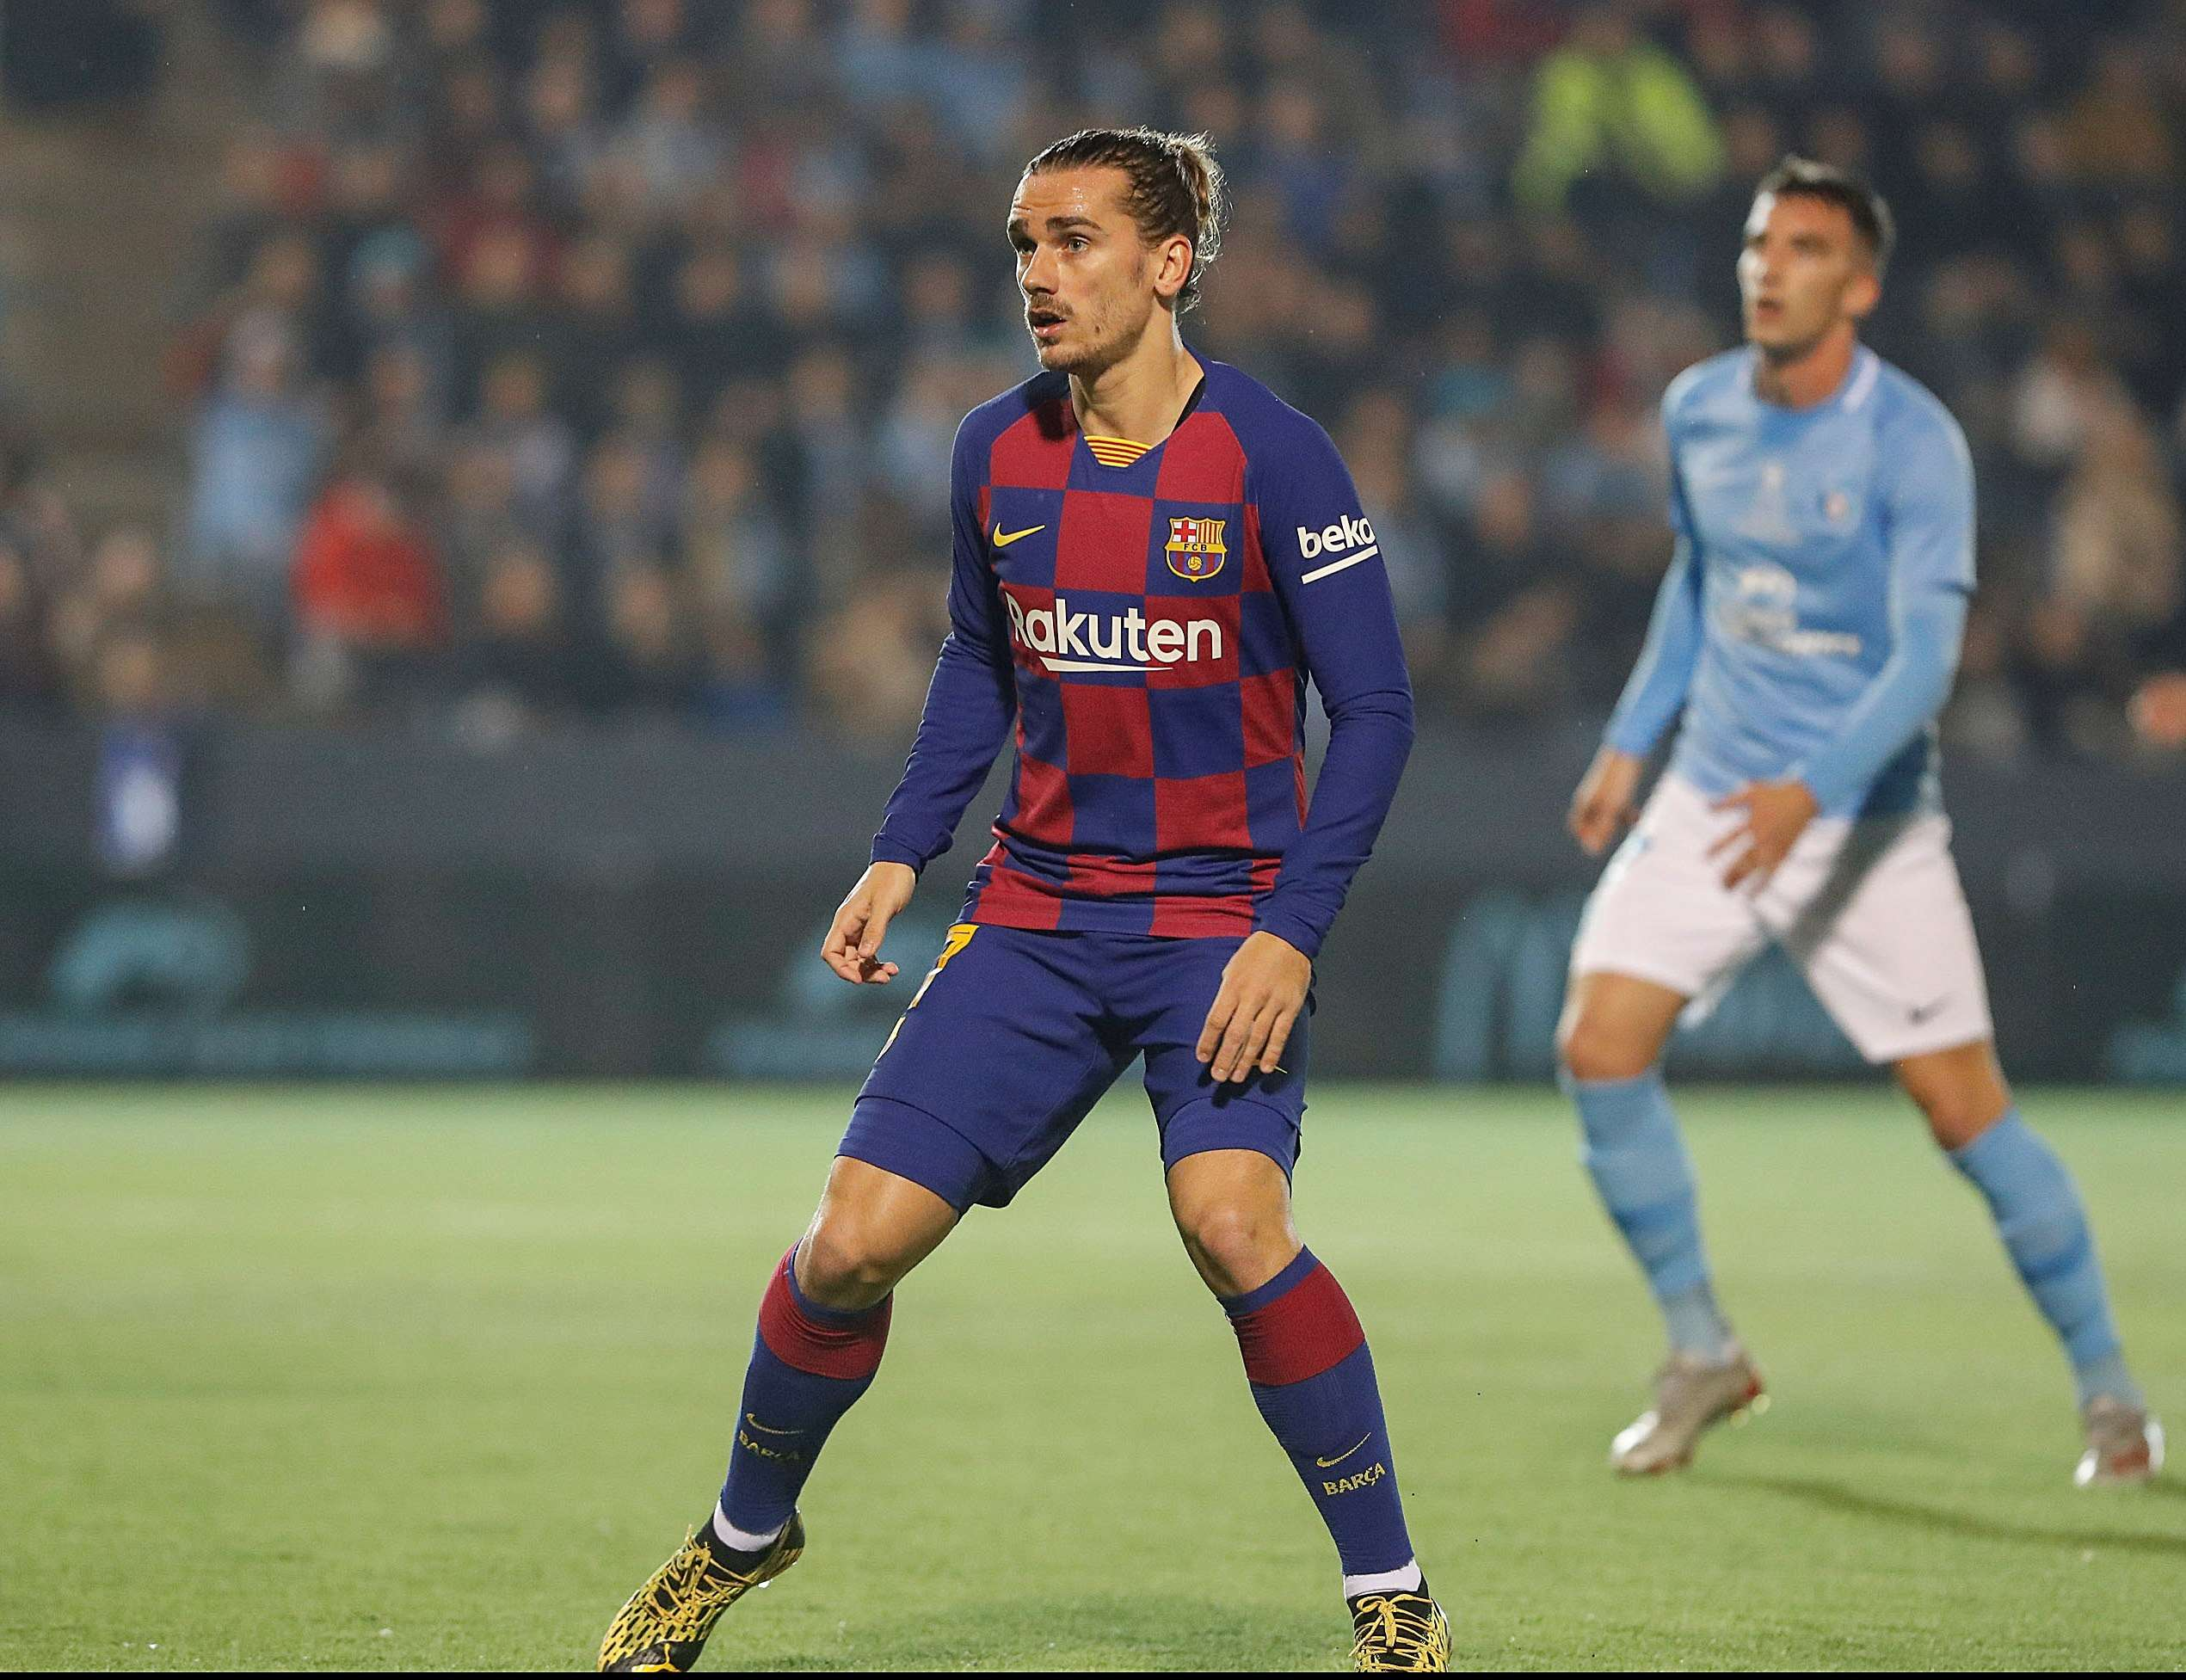 El delantero del FC Barcelona Antoine Griezmann. Foto: EFE